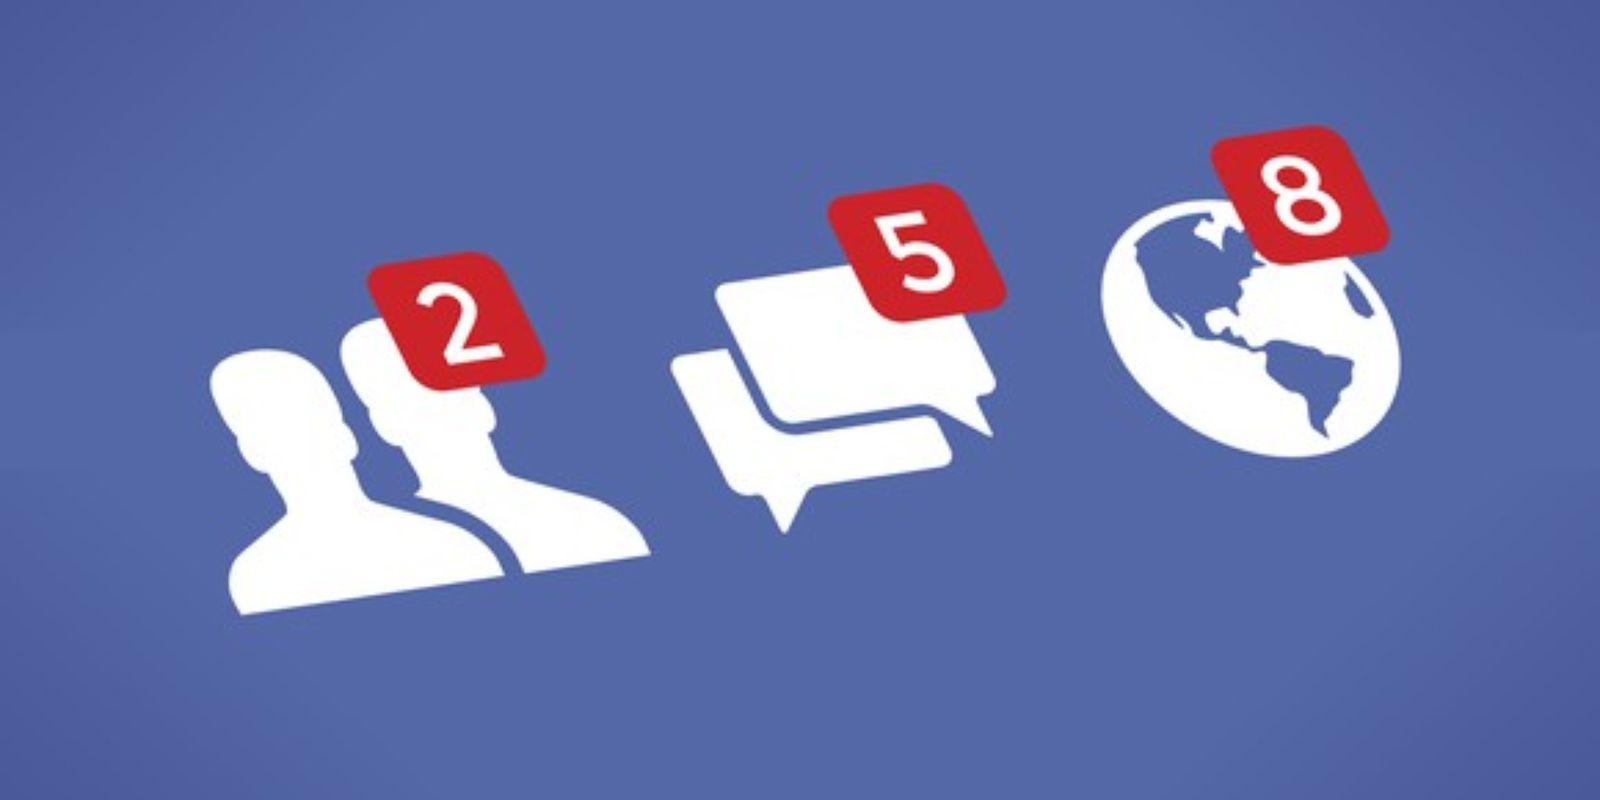 Comment écrire pour Facebook ou pour un réseau social? Peu importe après tout!